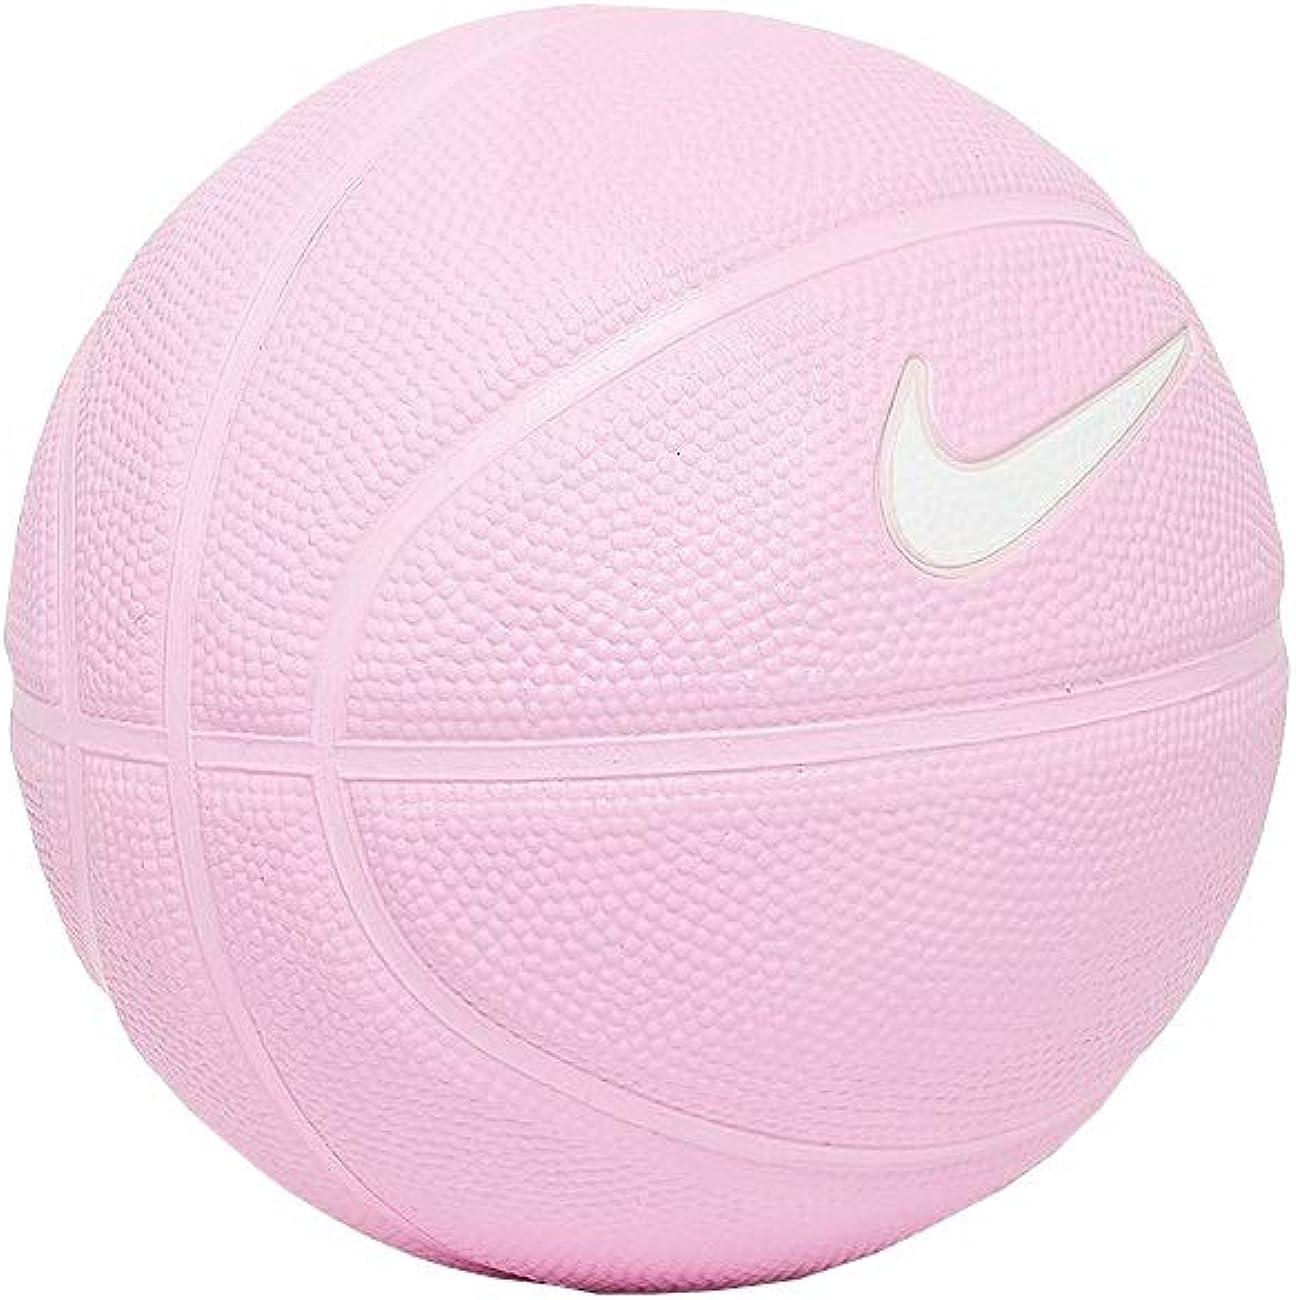 Nike Swoosh Skills Mini Size 3 Basketball Pink N1285-655